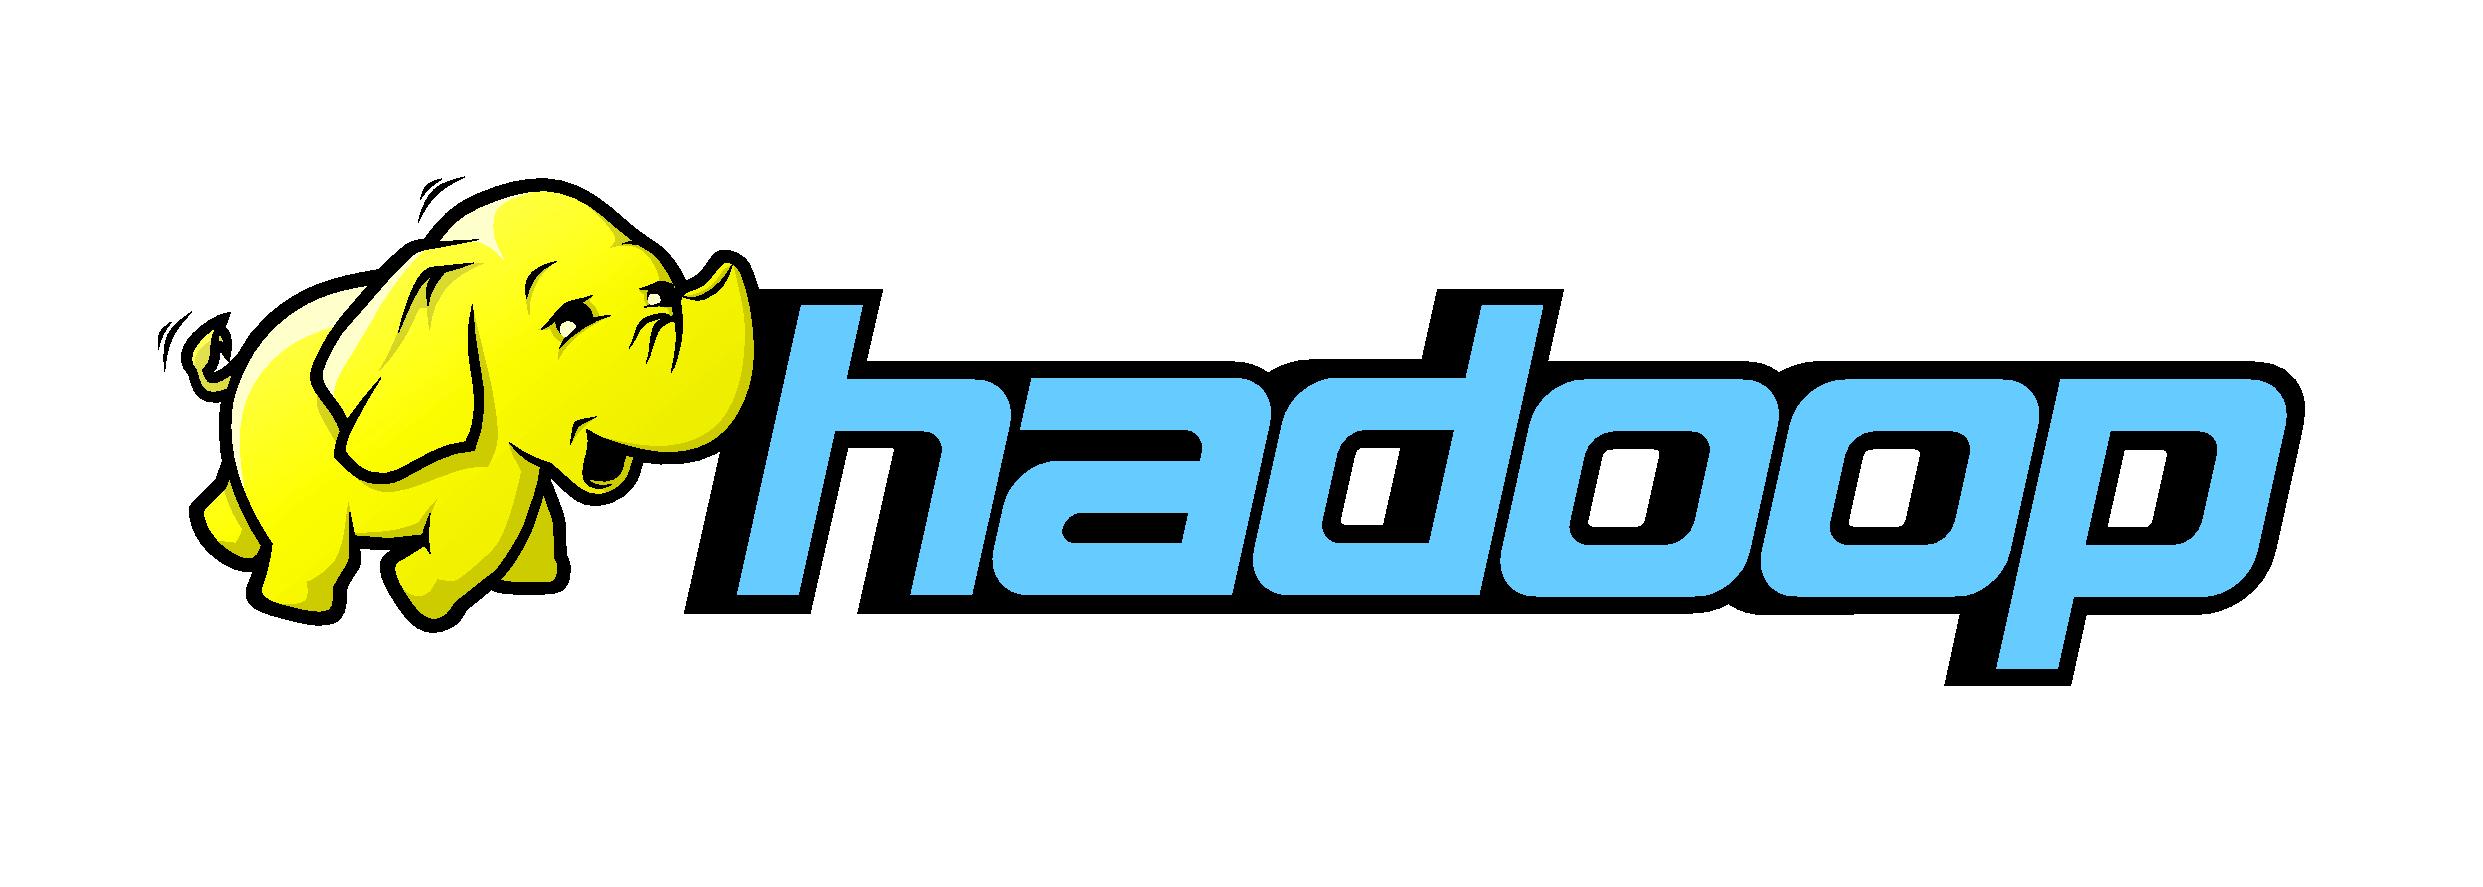 Hadoop - Programming Trend